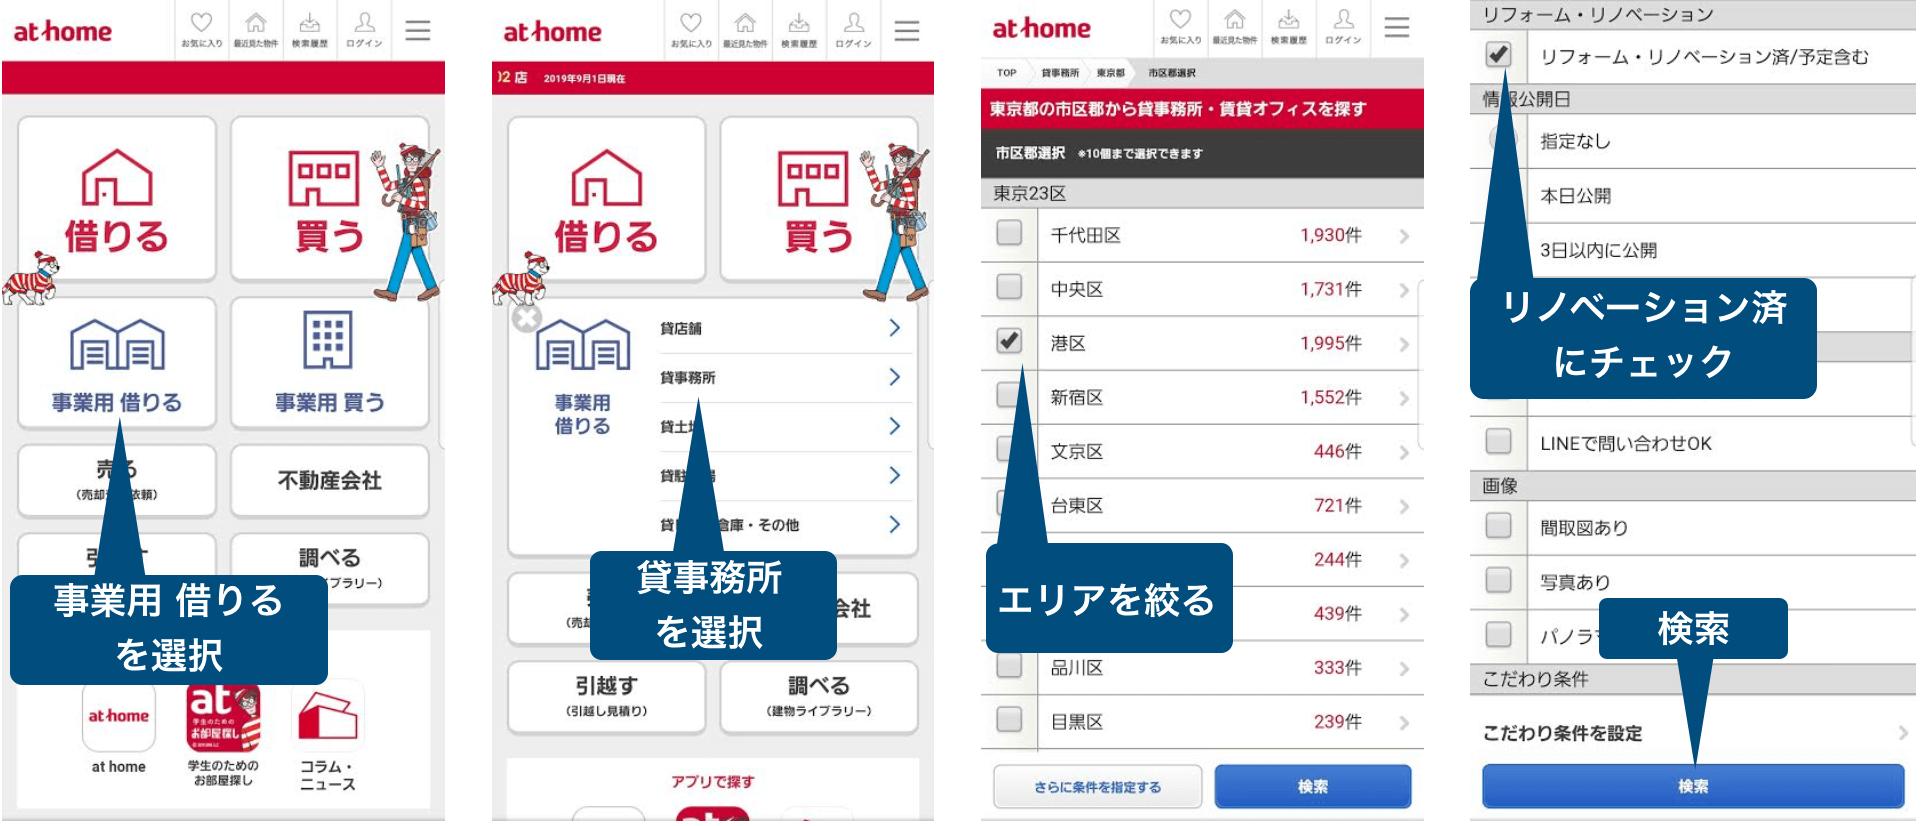 アットホームの検索手順